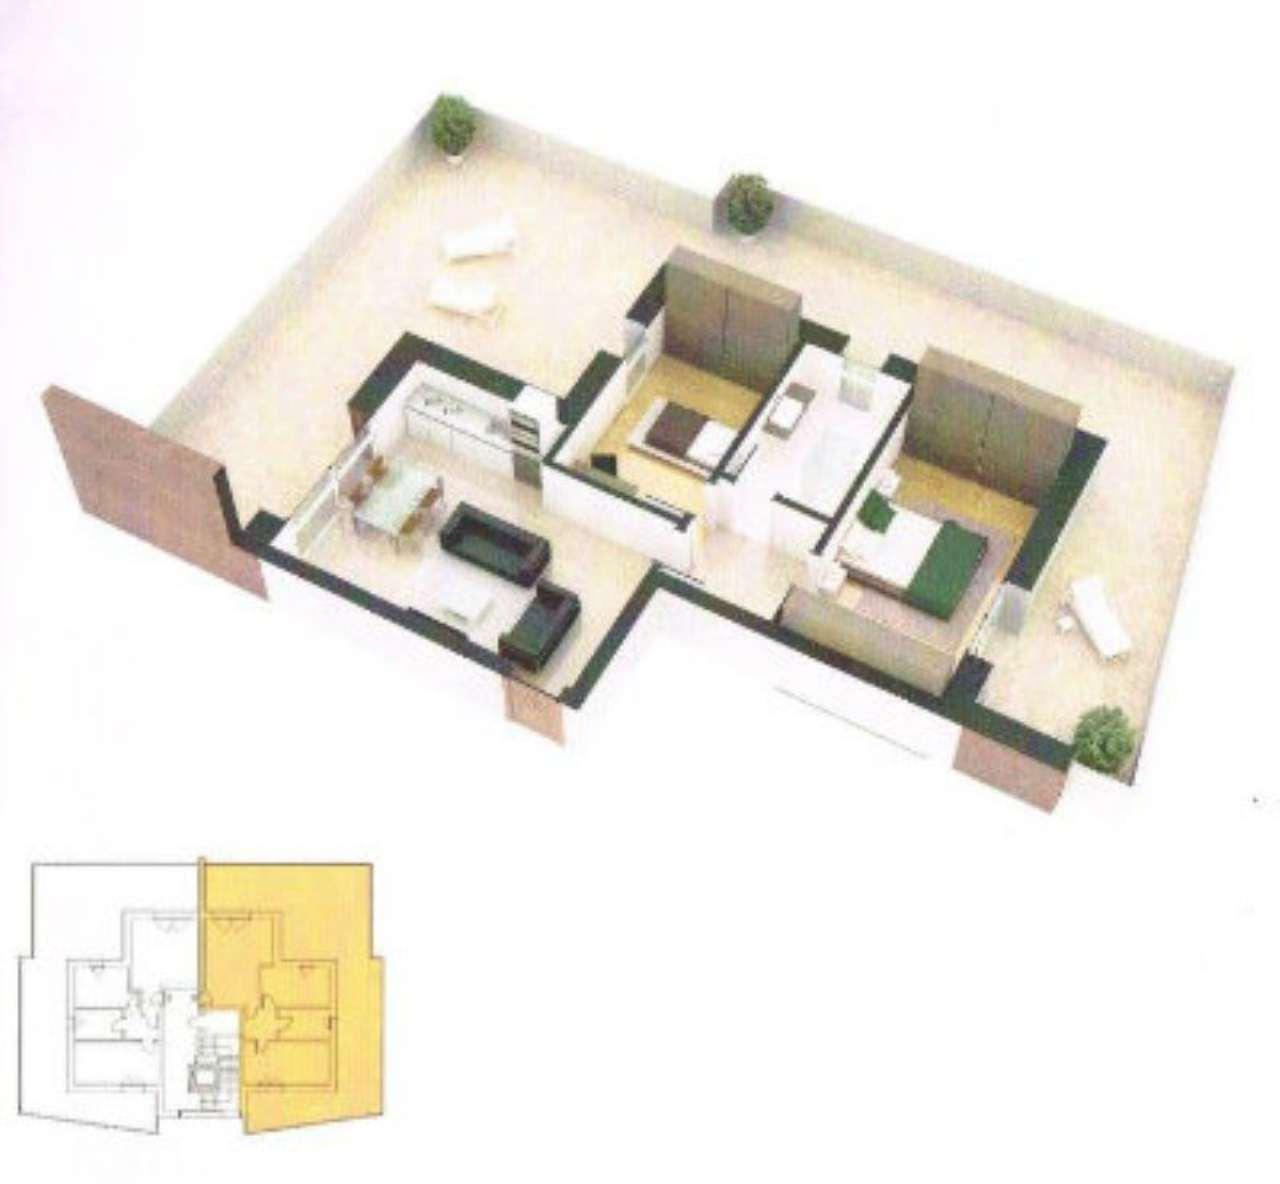 Attico / Mansarda in vendita a Sant'Agata Bolognese, 3 locali, prezzo € 250.000 | Cambio Casa.it